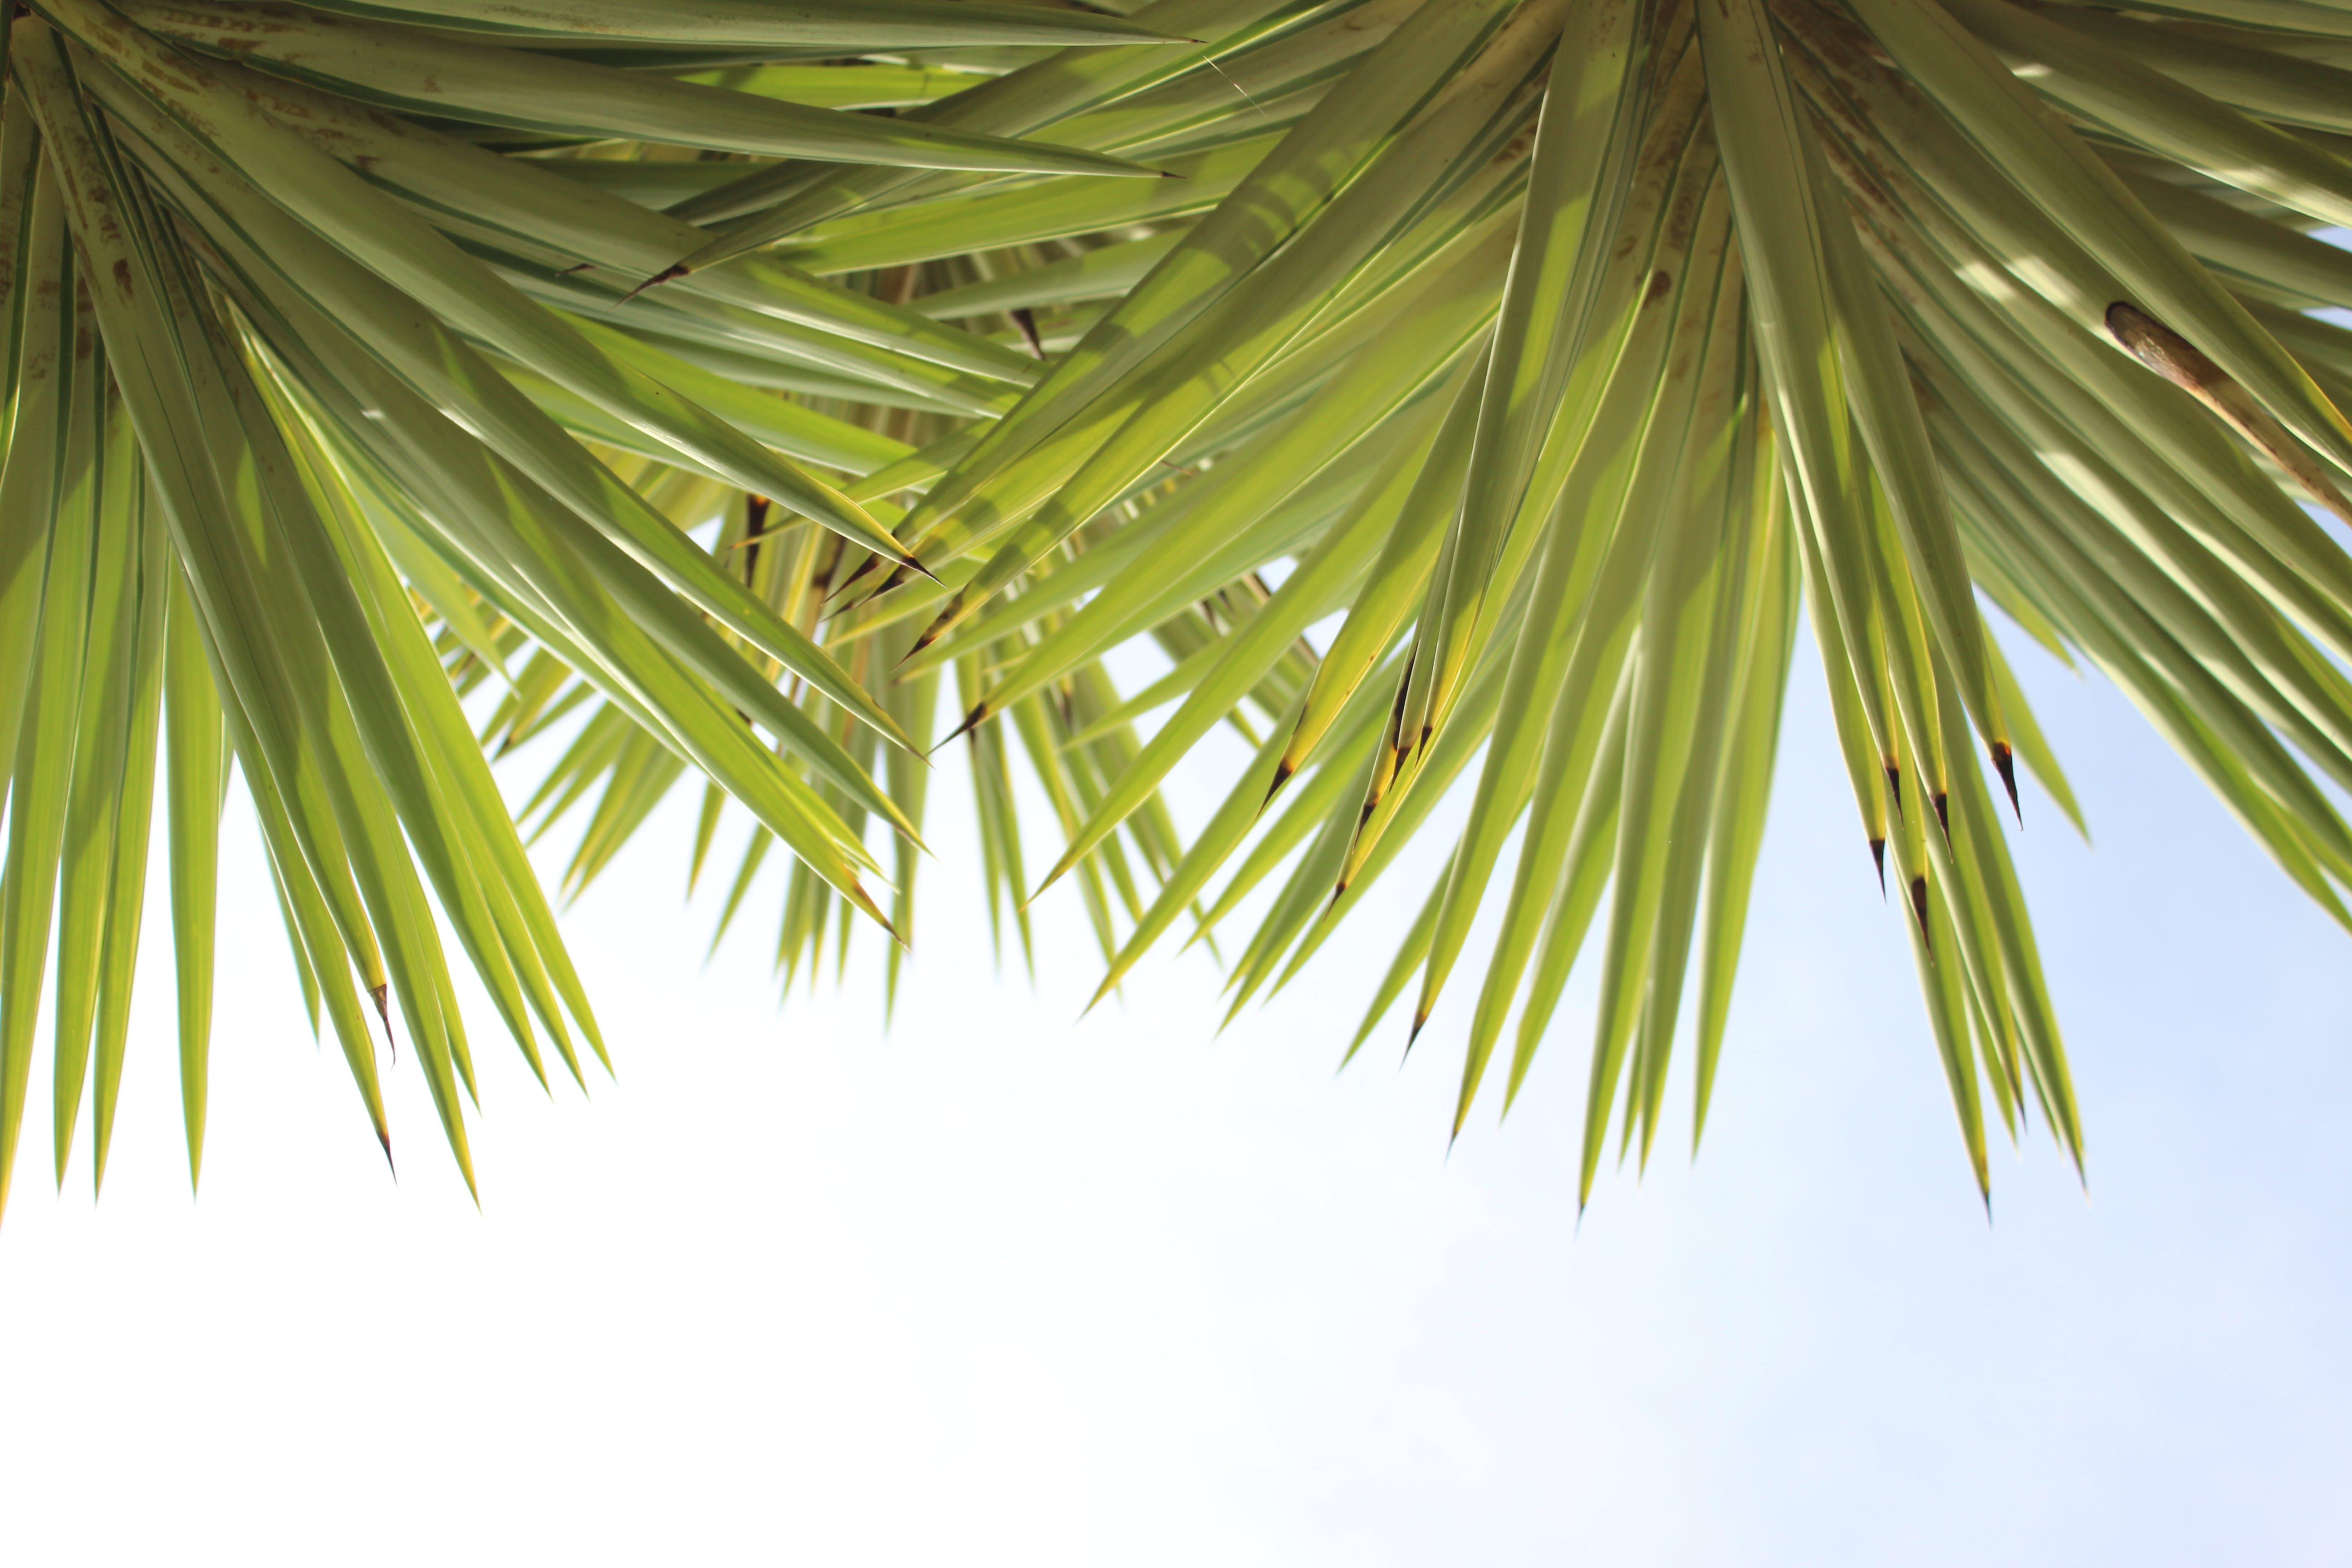 Gratis stockfoto met afzonderlijk, blauwe lucht, boom, evergreen